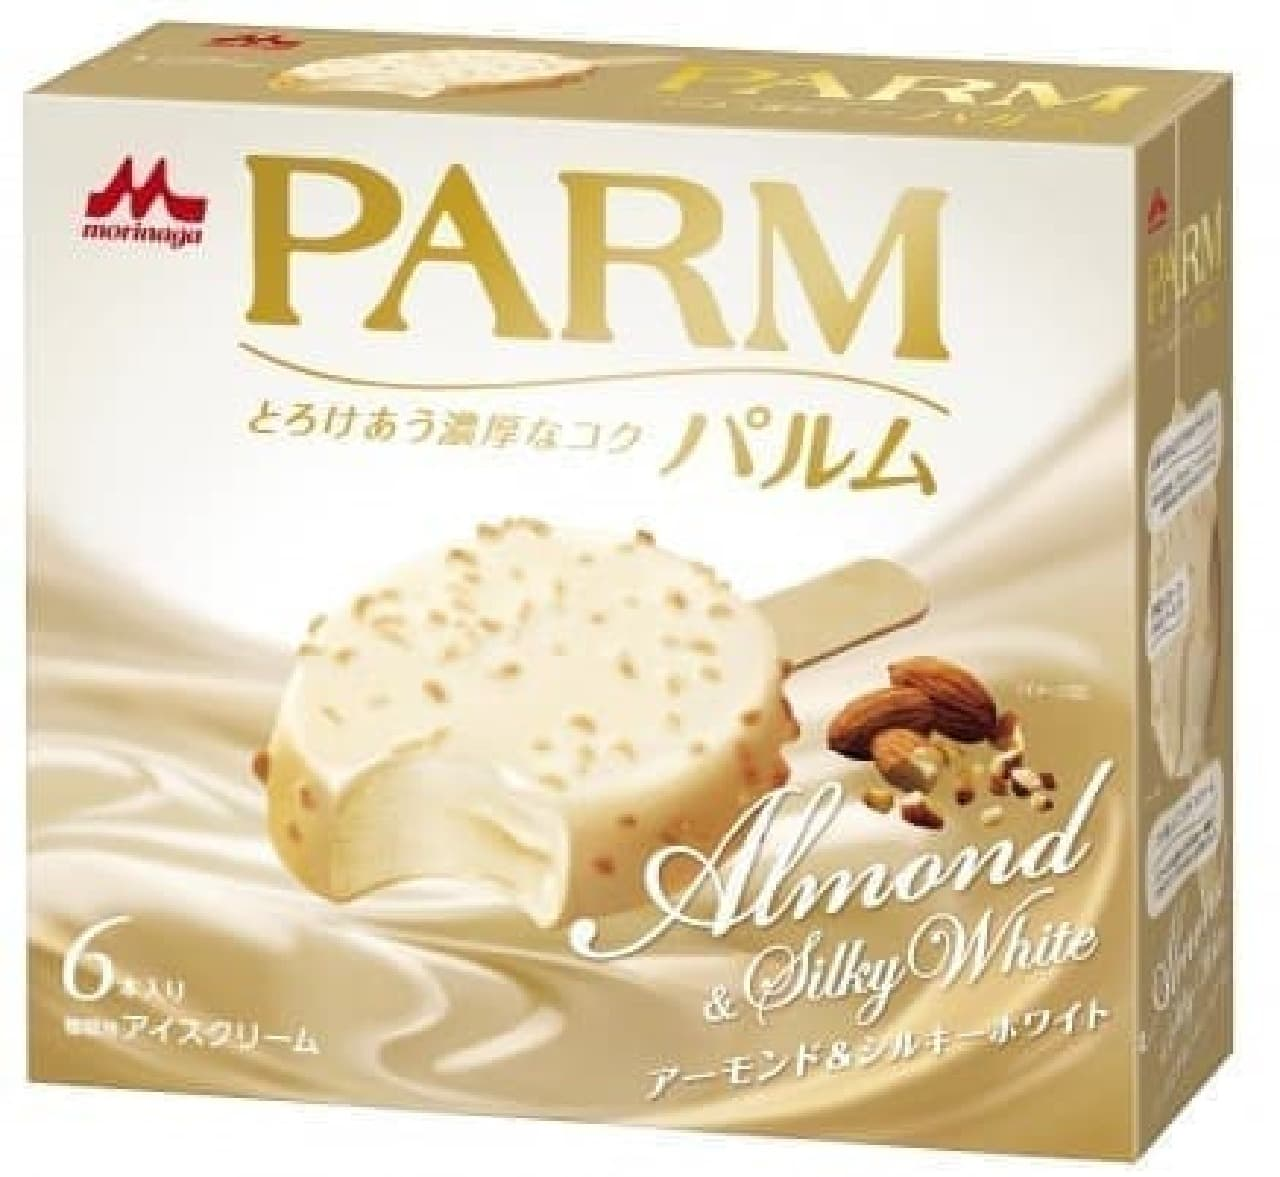 森永乳業「パルム アーモンド&シルキーホワイト」